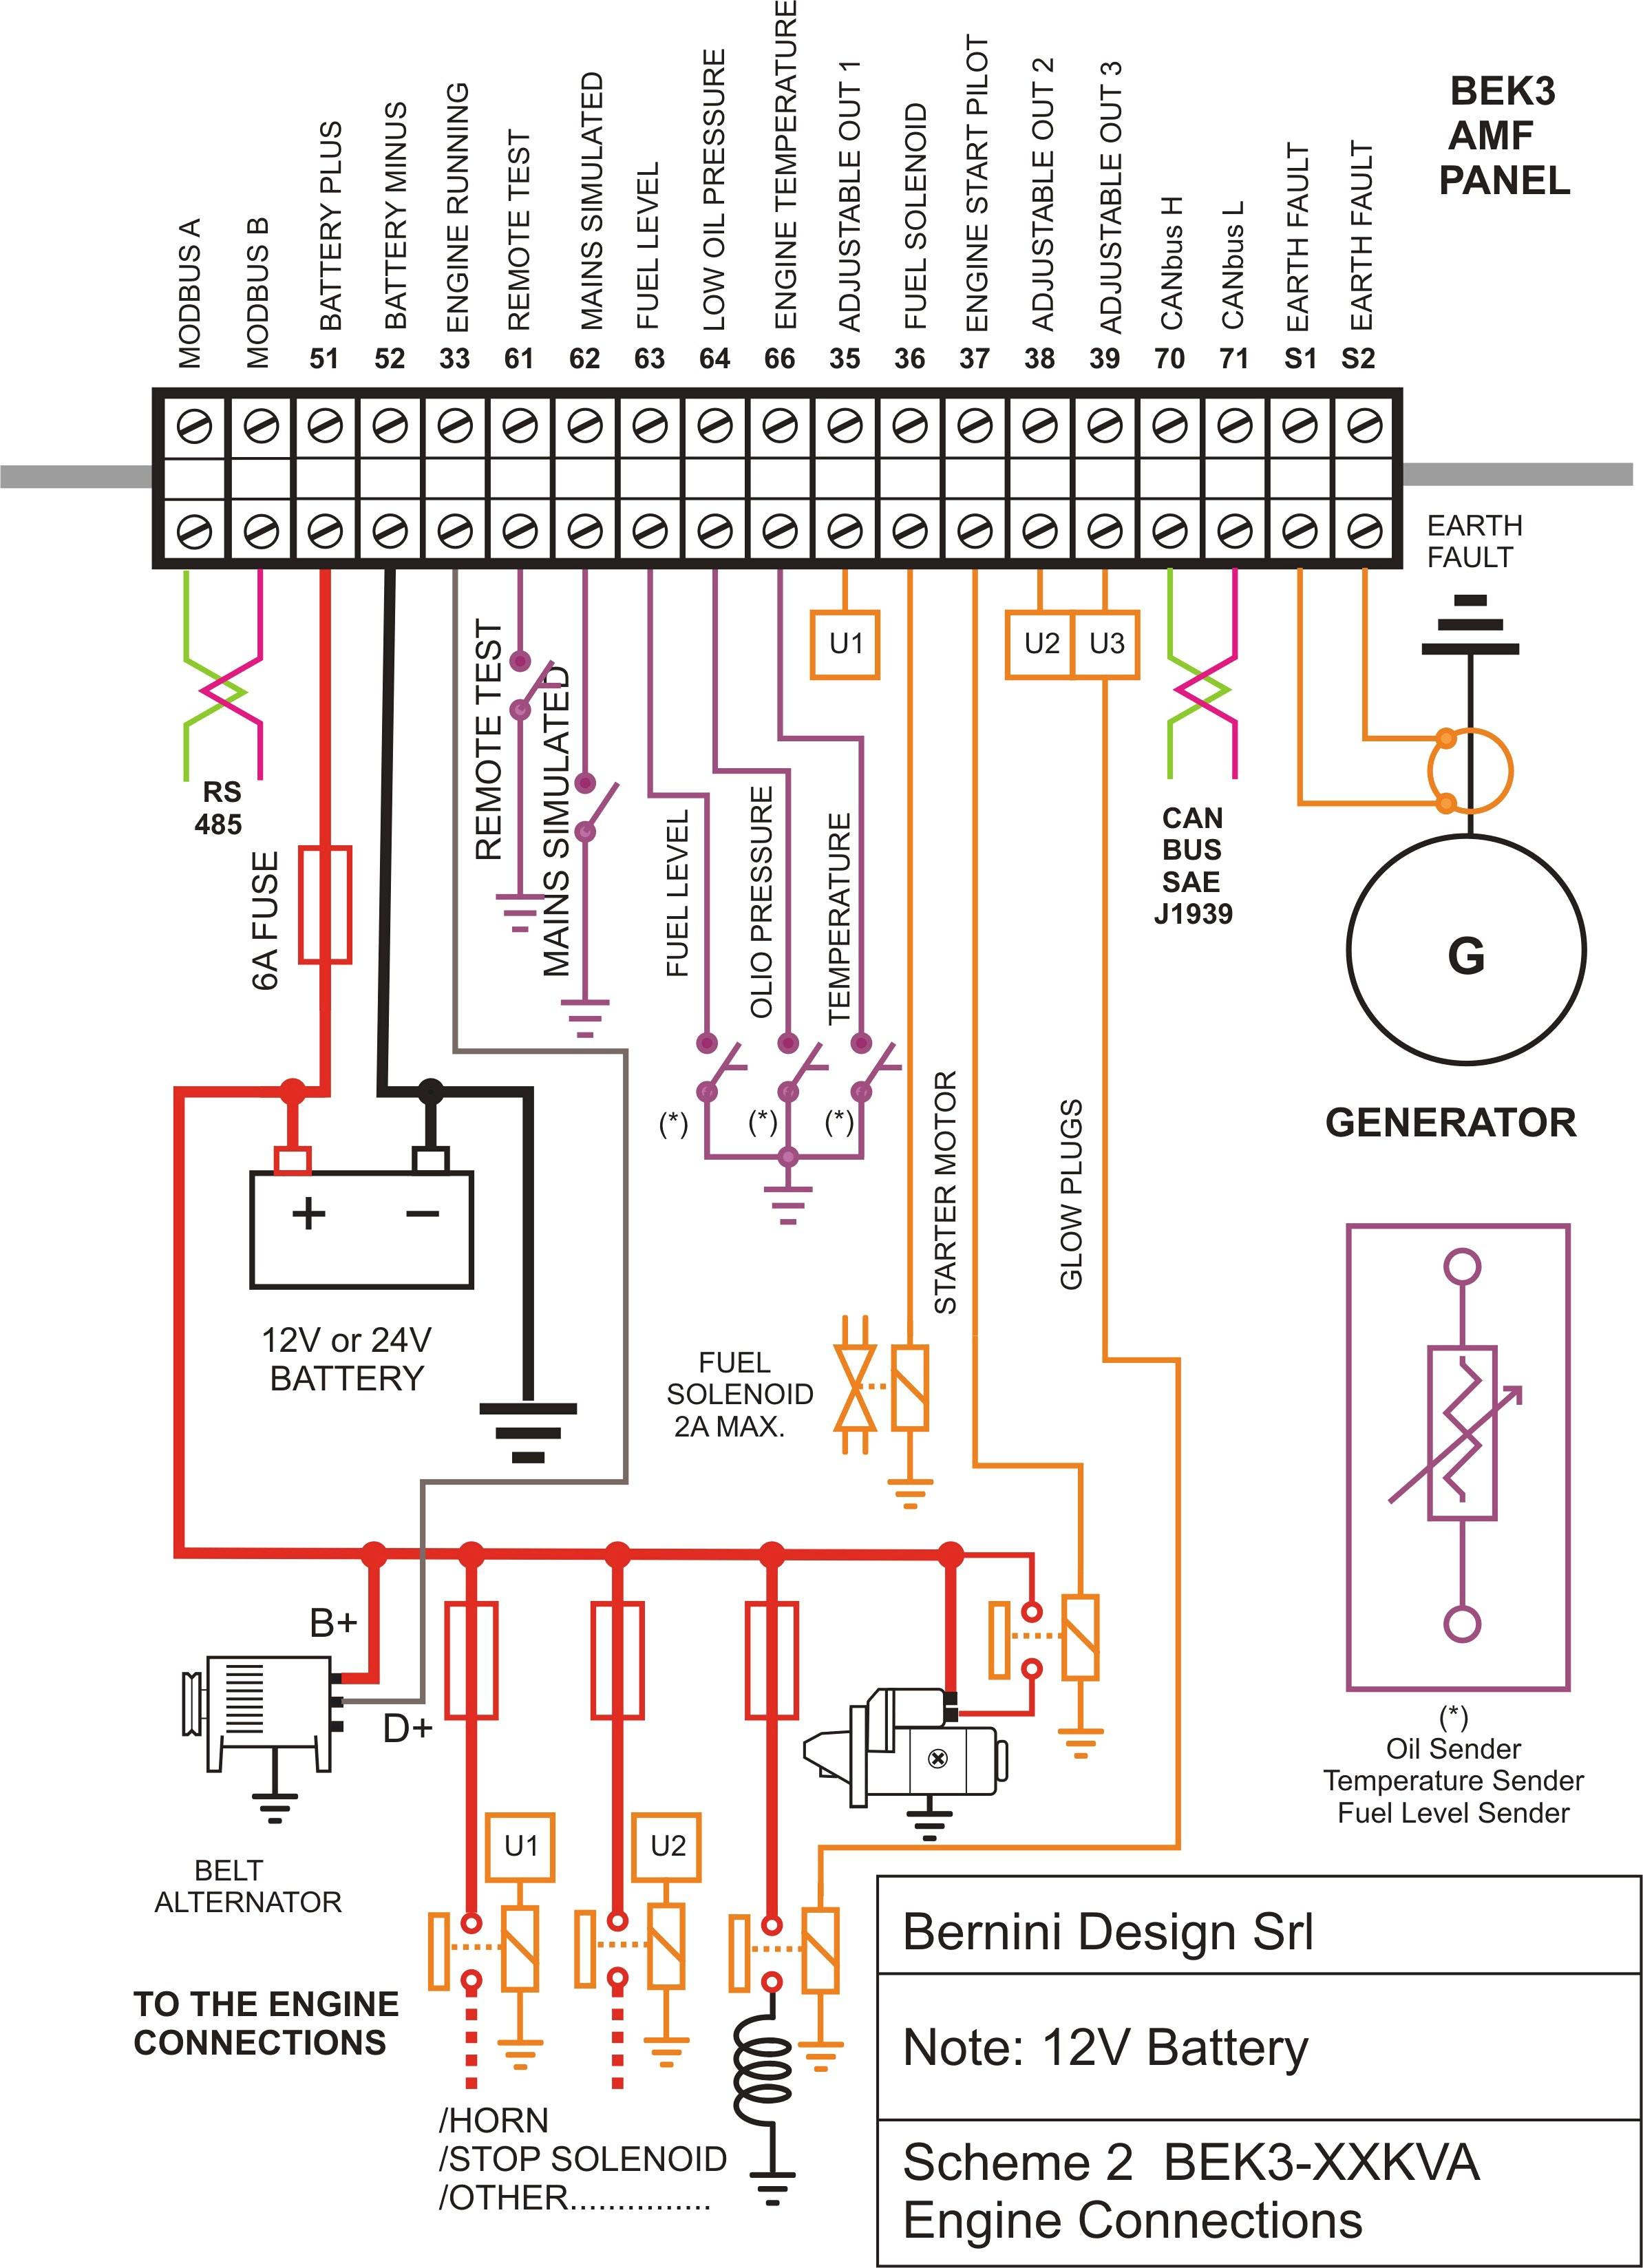 Circuit Breaker Panel Wiring Diagram Pdf Awesome Home Fuse Box At - Circuit Breaker Panel Wiring Diagram Pdf